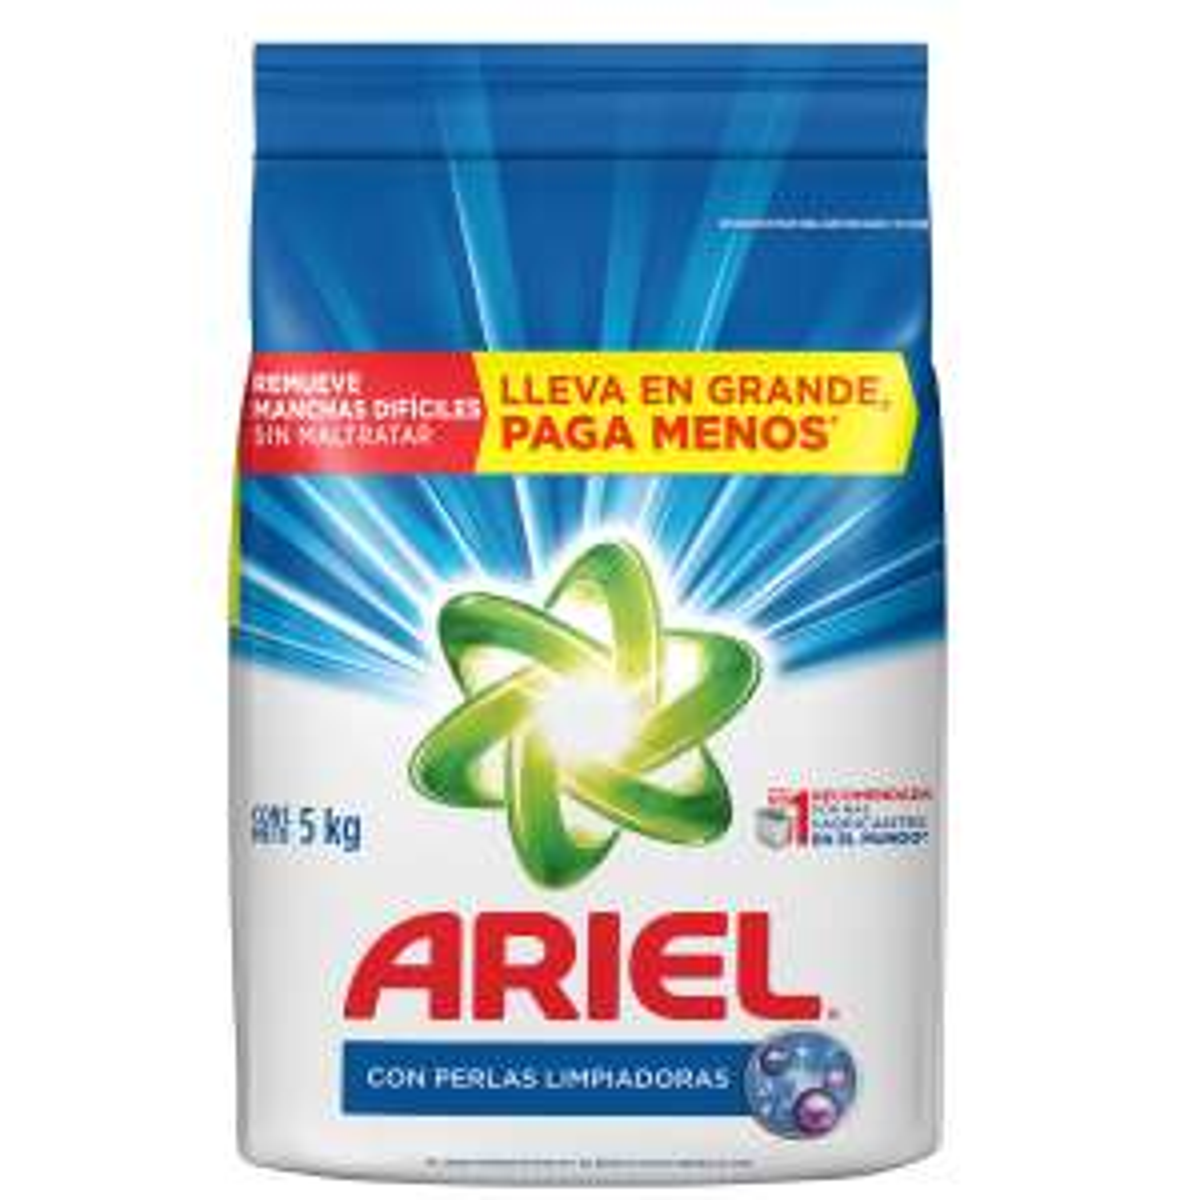 Chedraui: Detergente Ariel de 5 Kg